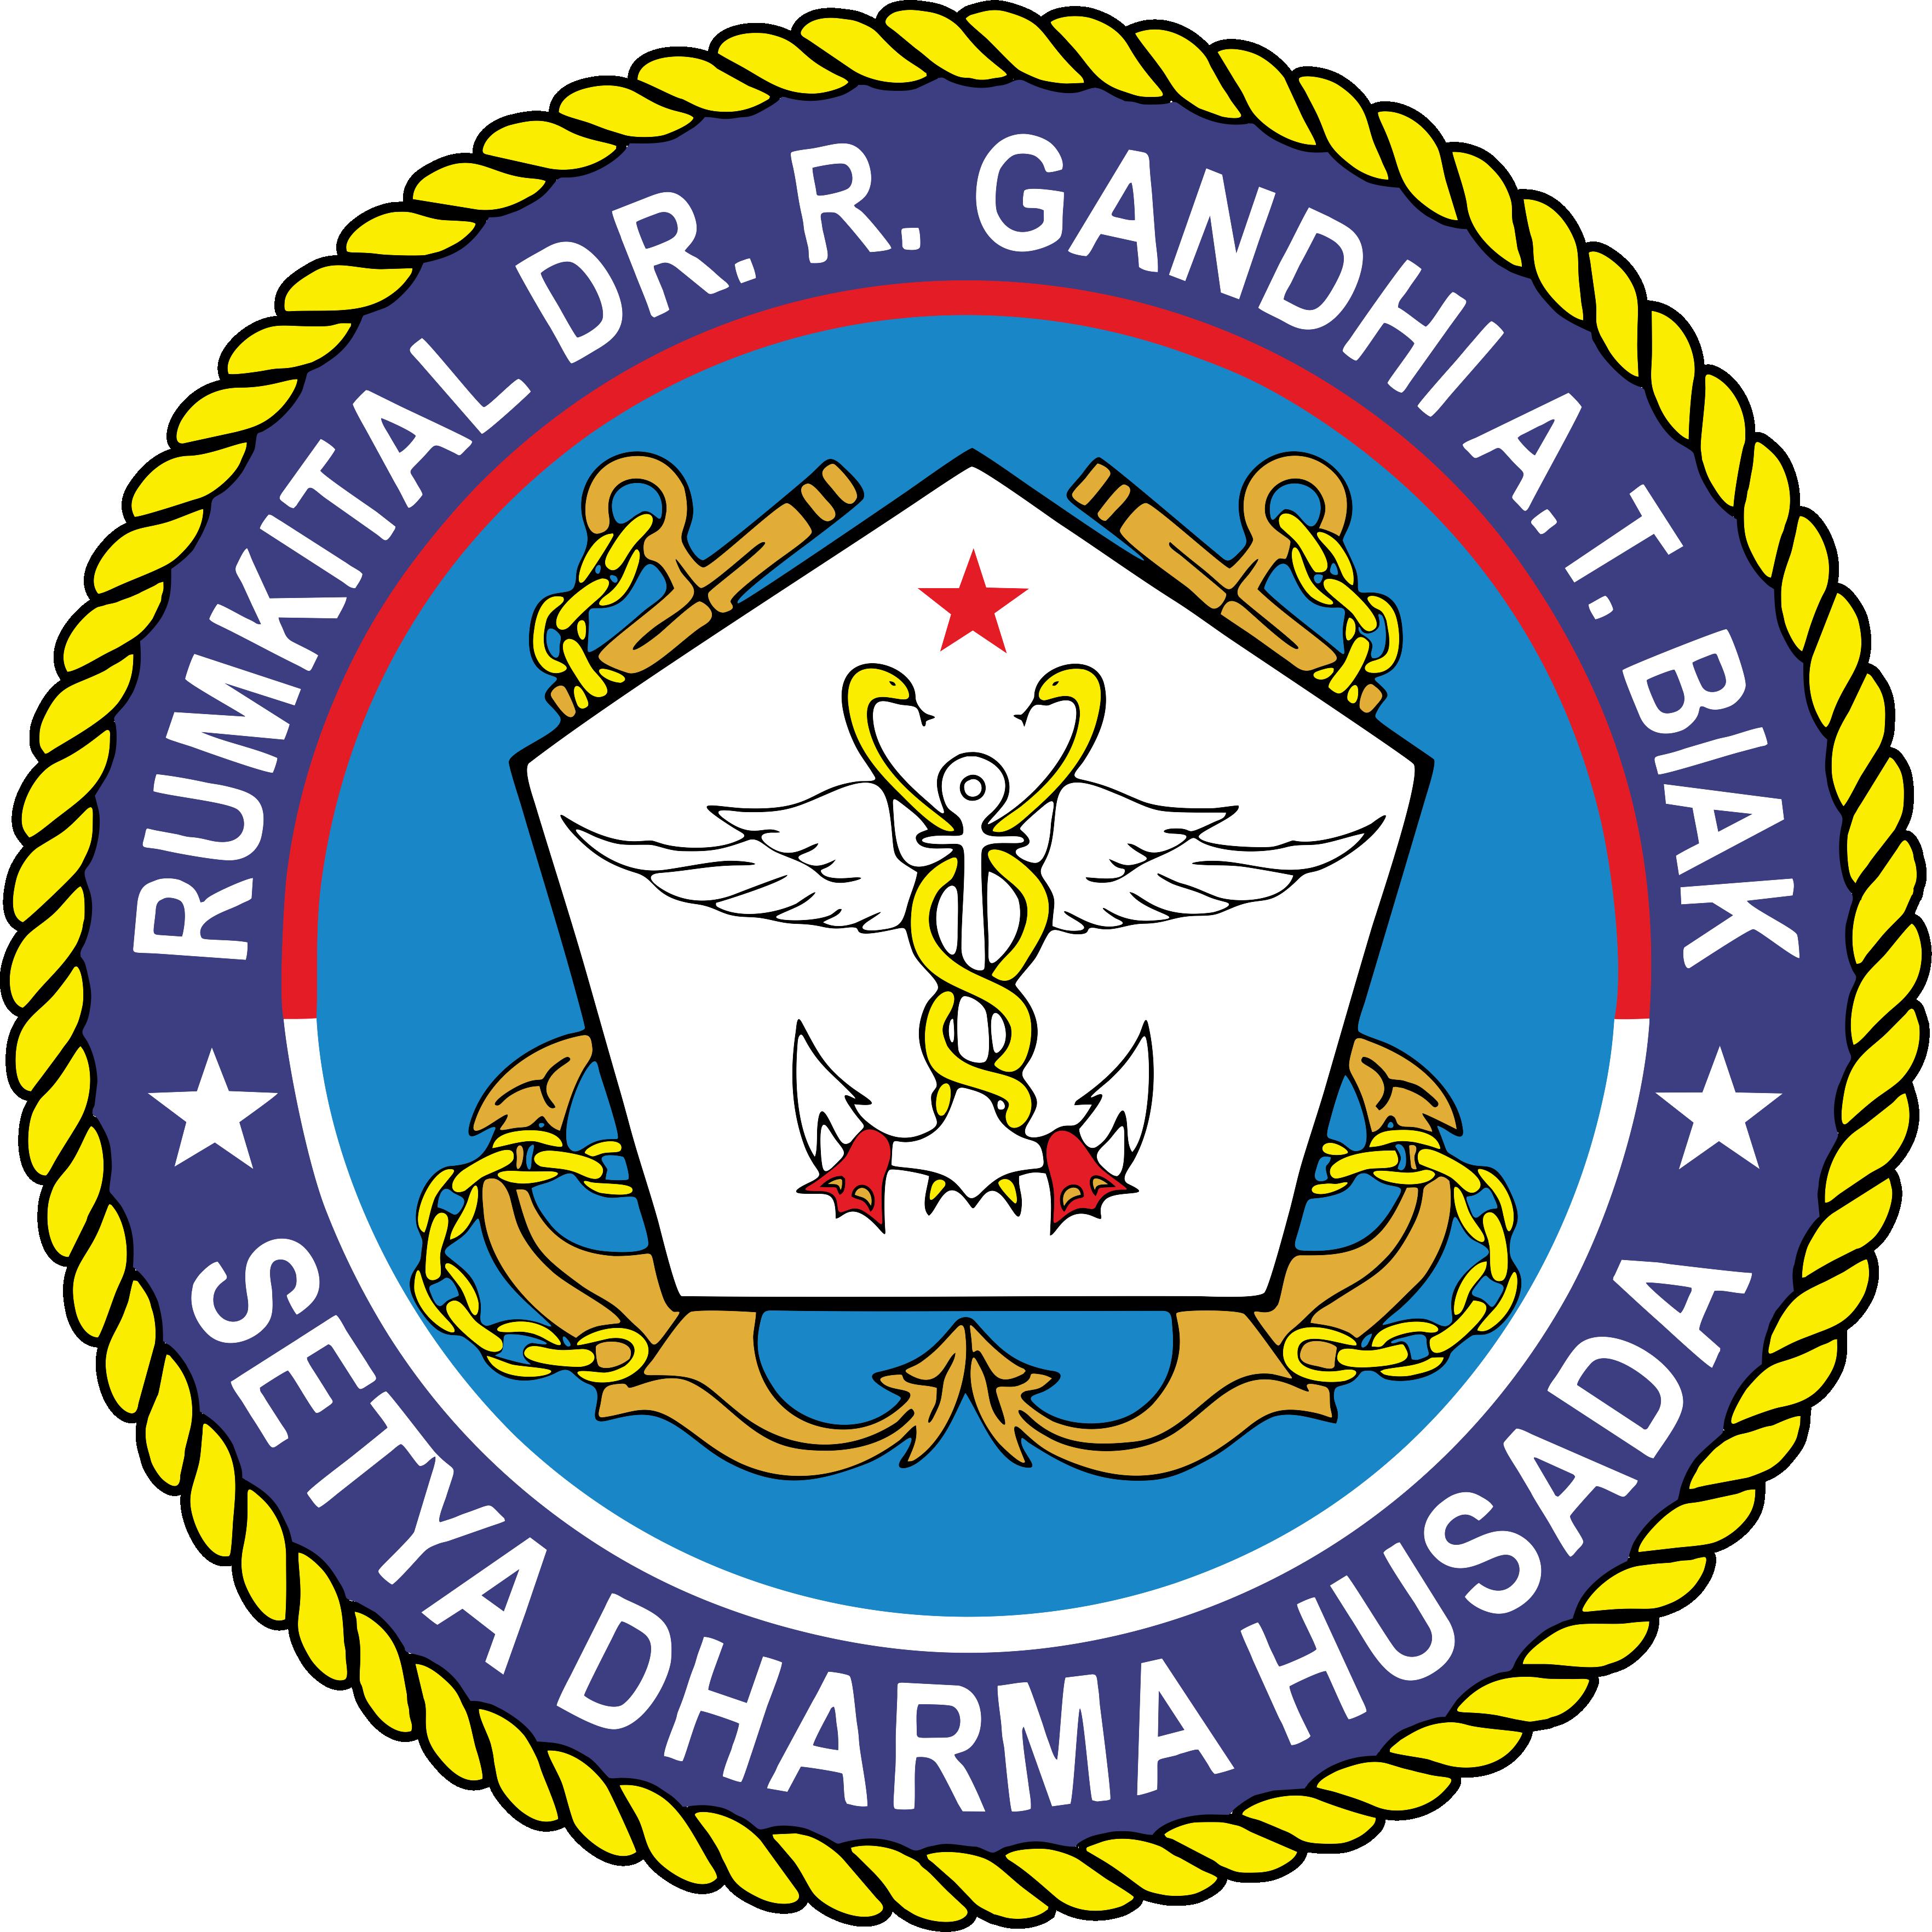 Rumah Sakit Angkatan Laut Dr. R. Gandhi A.T.